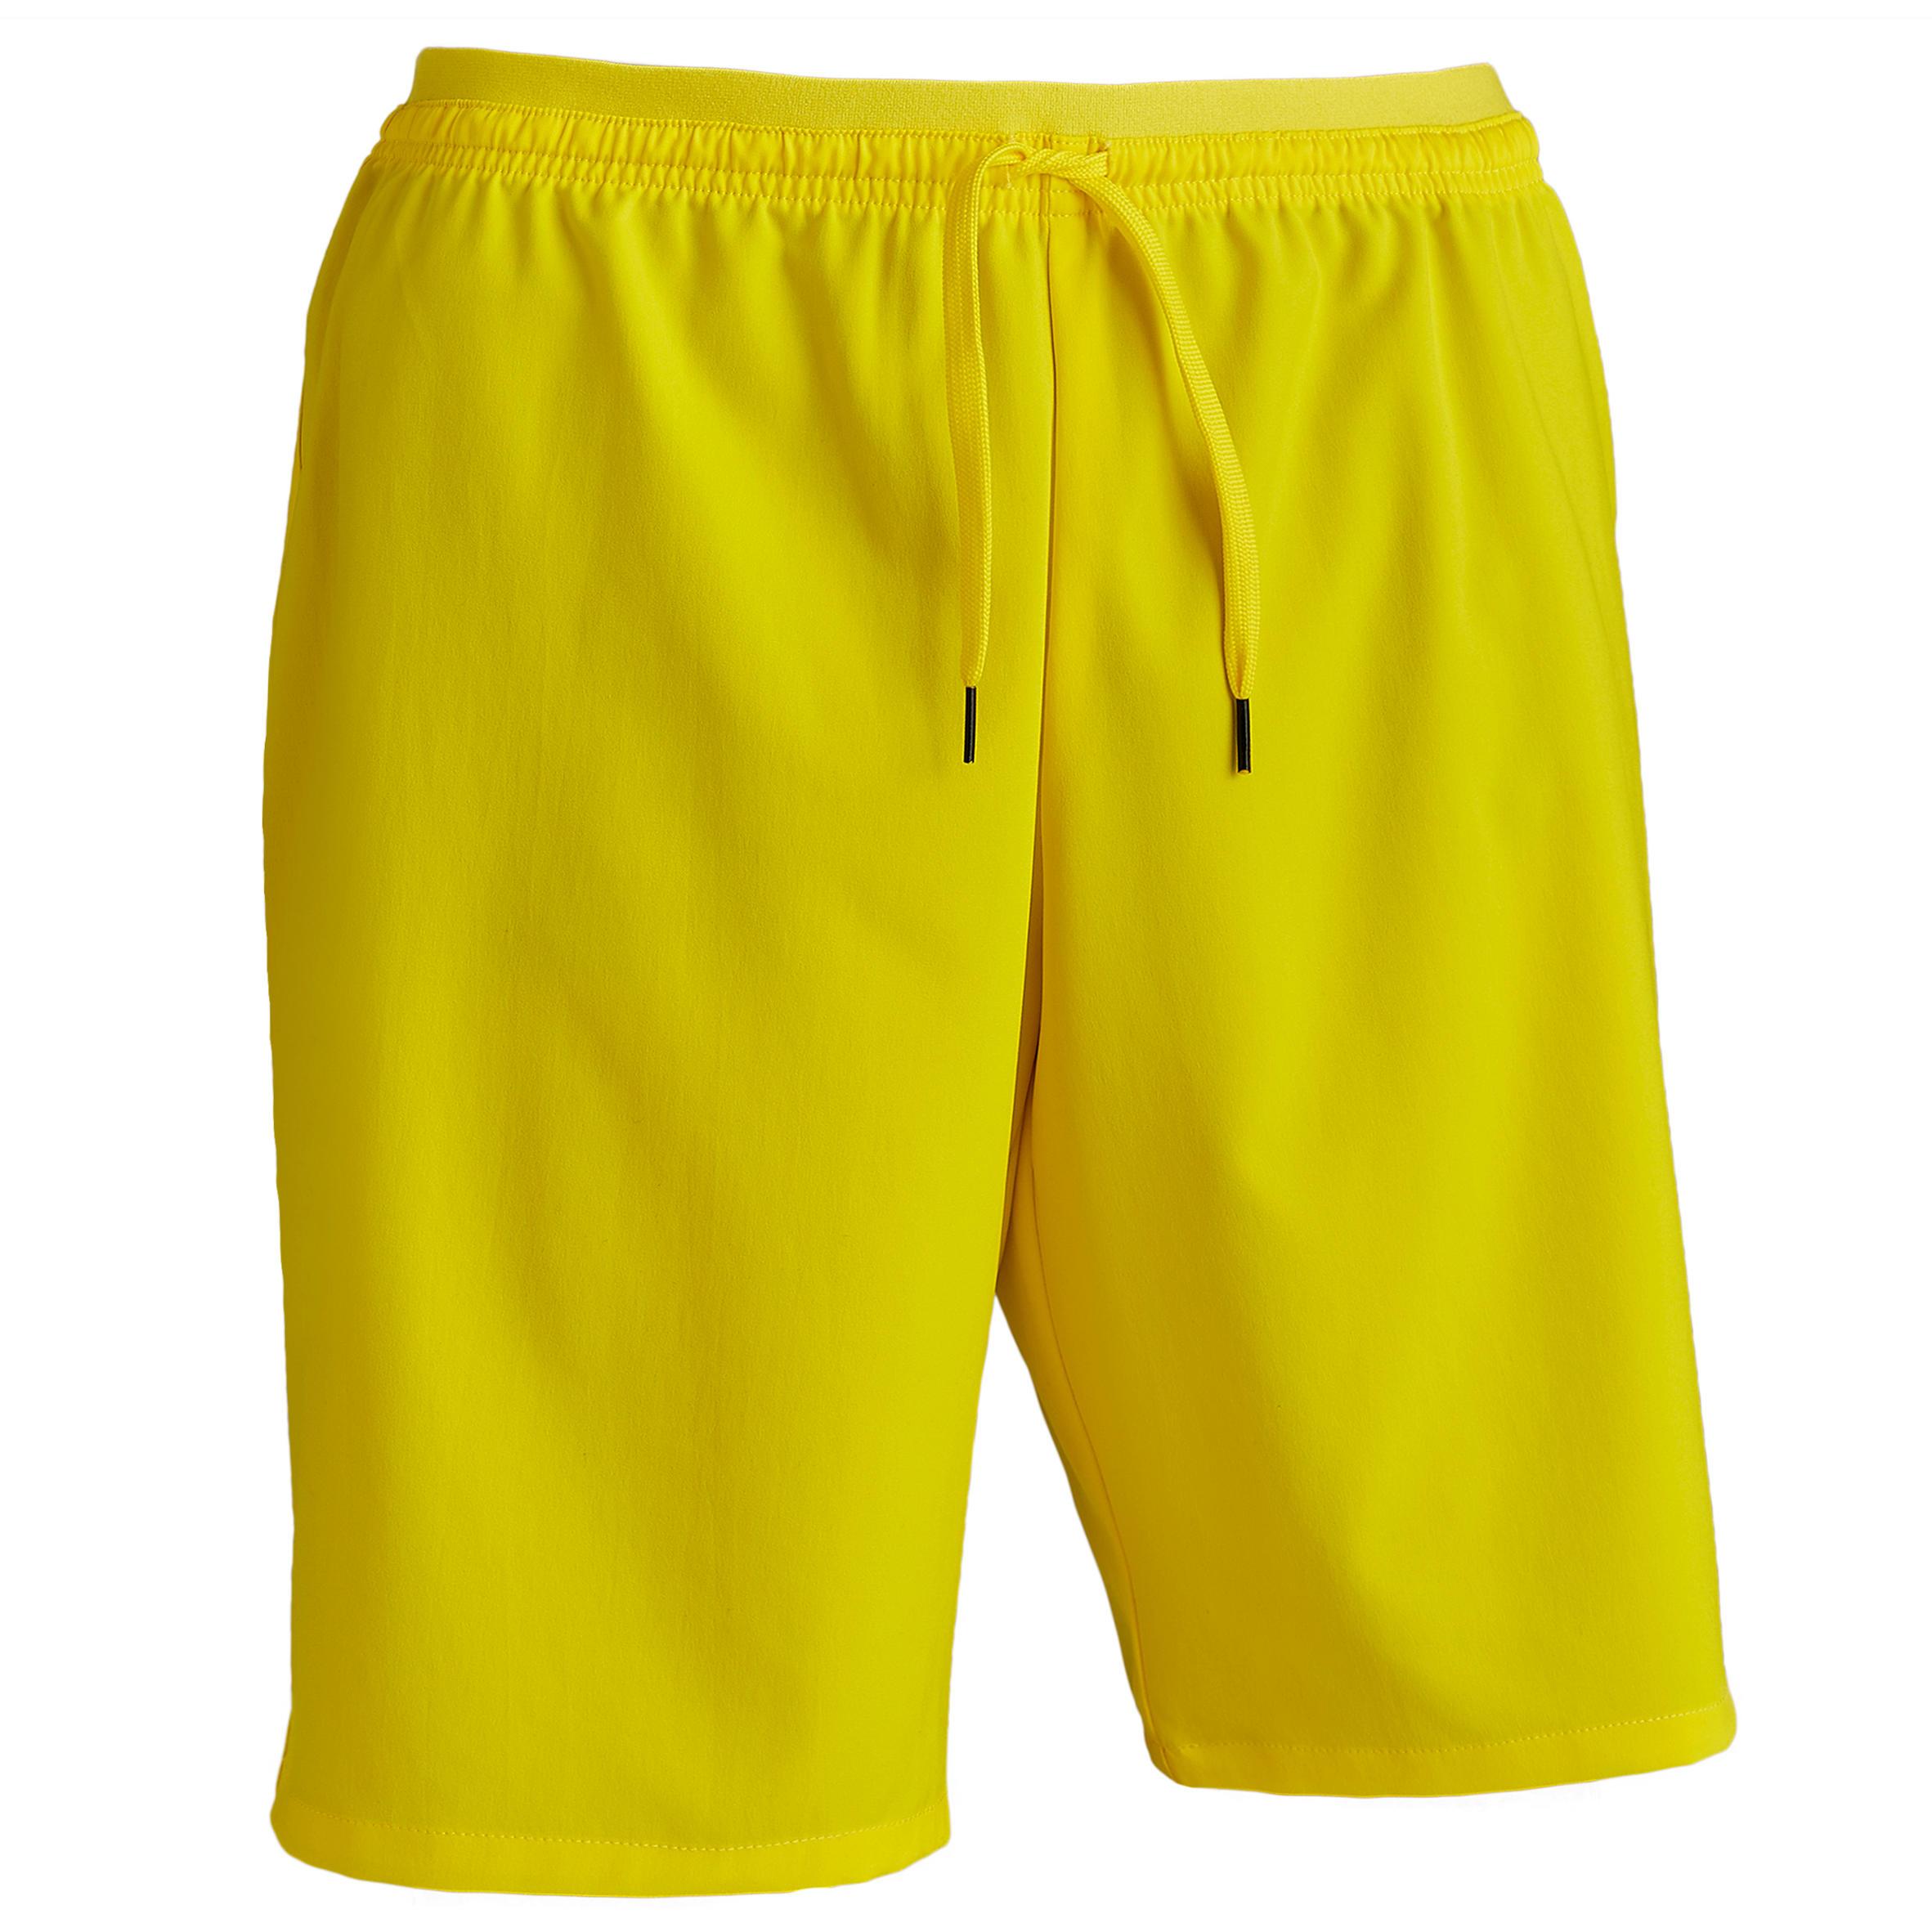 Fußballshorts F500 Erwachsene gelb | Sportbekleidung > Sporthosen > Fußballhosen | Gelb | Kipsta